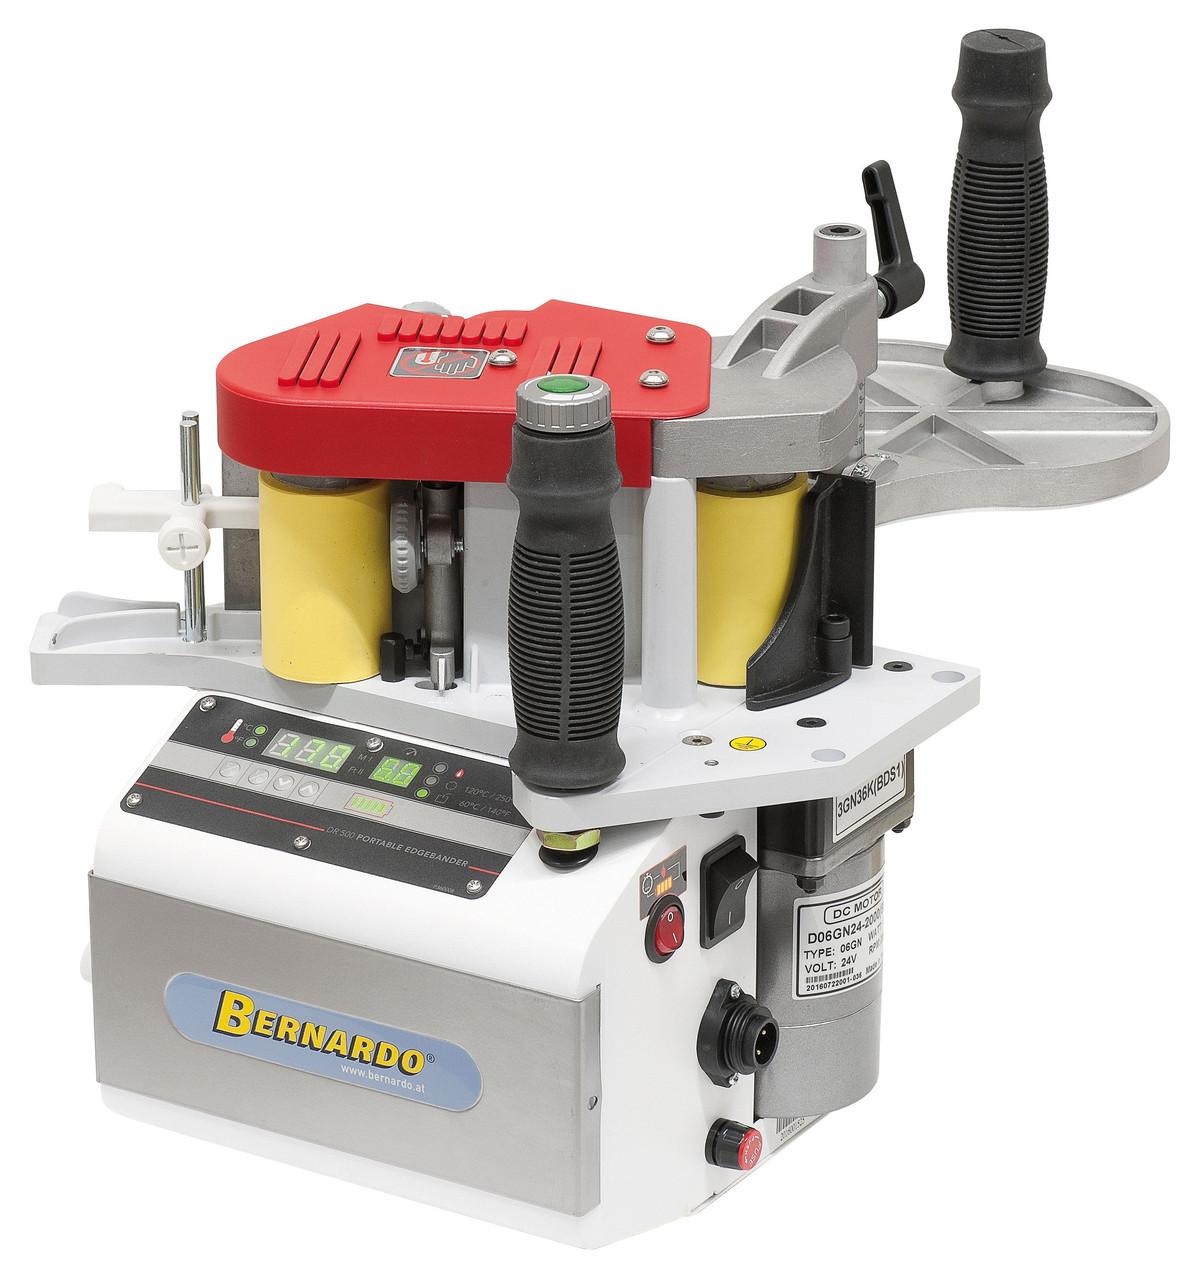 DR 500 Кромкооблицовочный станок Bernardo | переносной кромочник